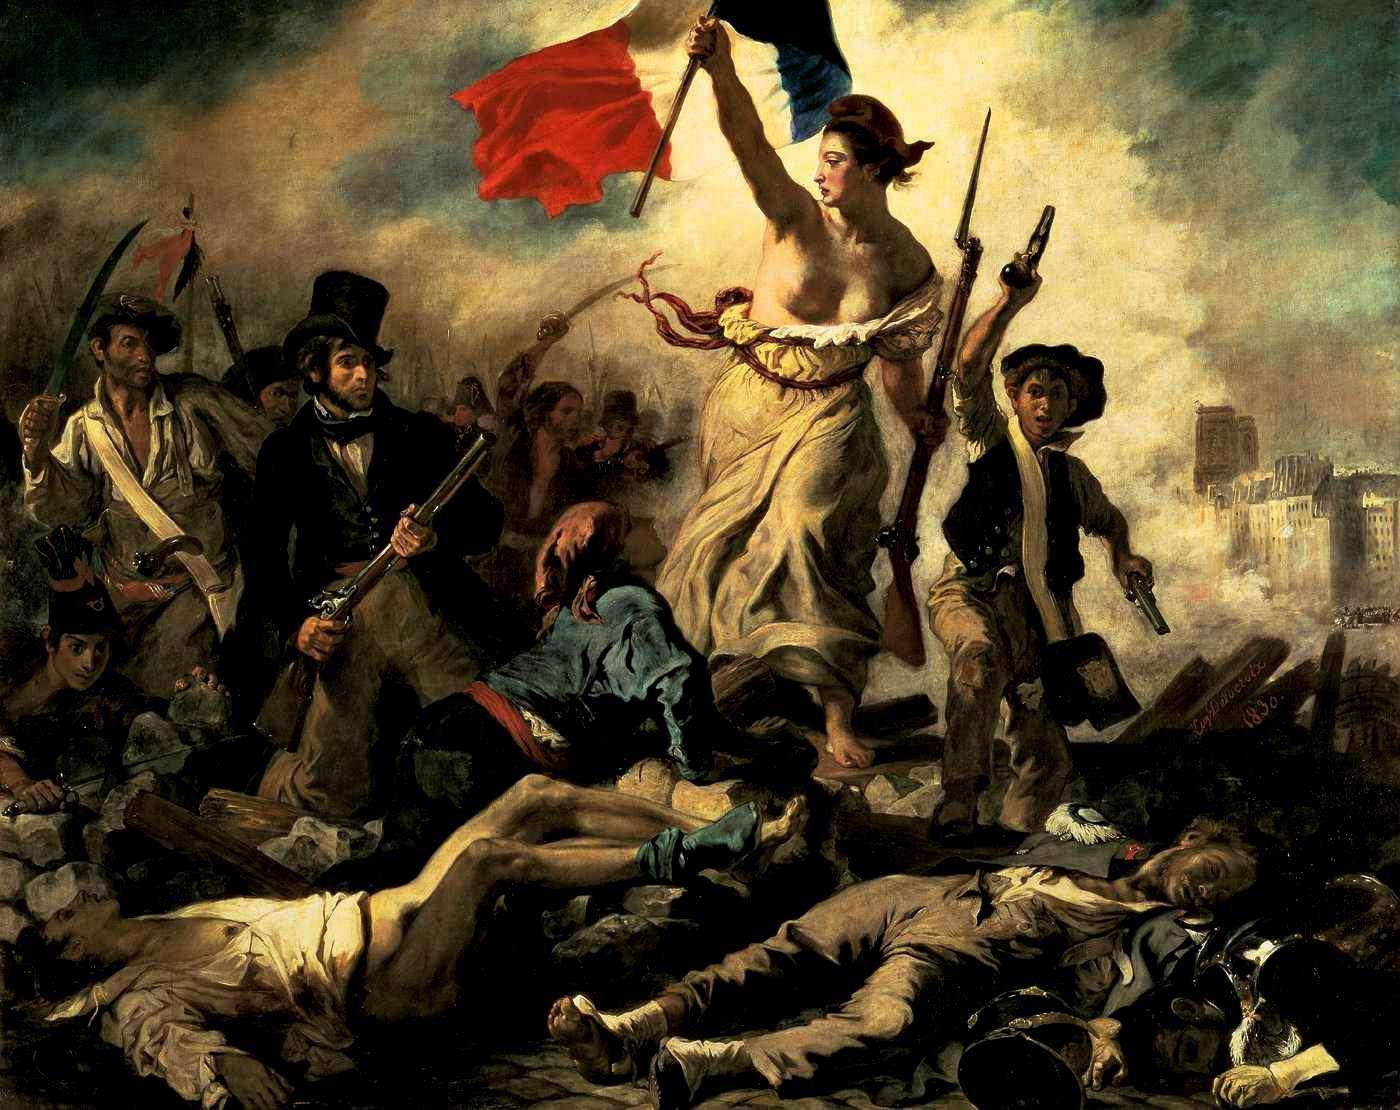 """Ευγένιος Ντελακρουά:""""Η Ελευθερία οδηγεί το Λαό"""""""